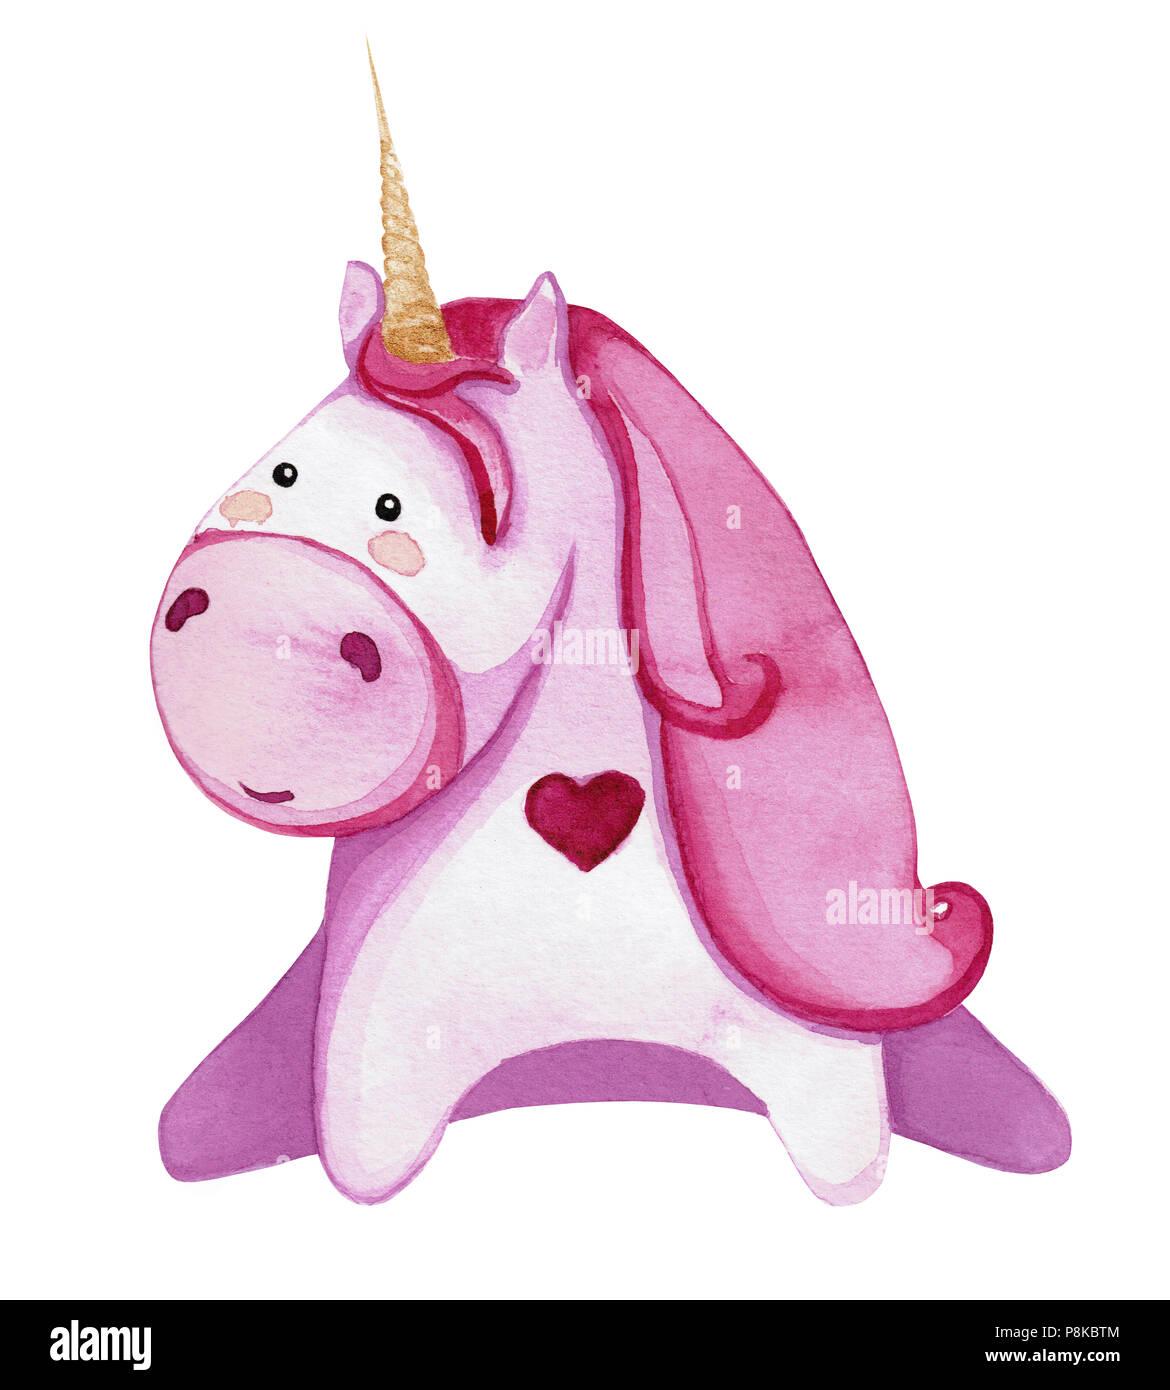 Pink Unicorn Isolati Su Sfondo Bianco Disegno Con Acquarello Foto